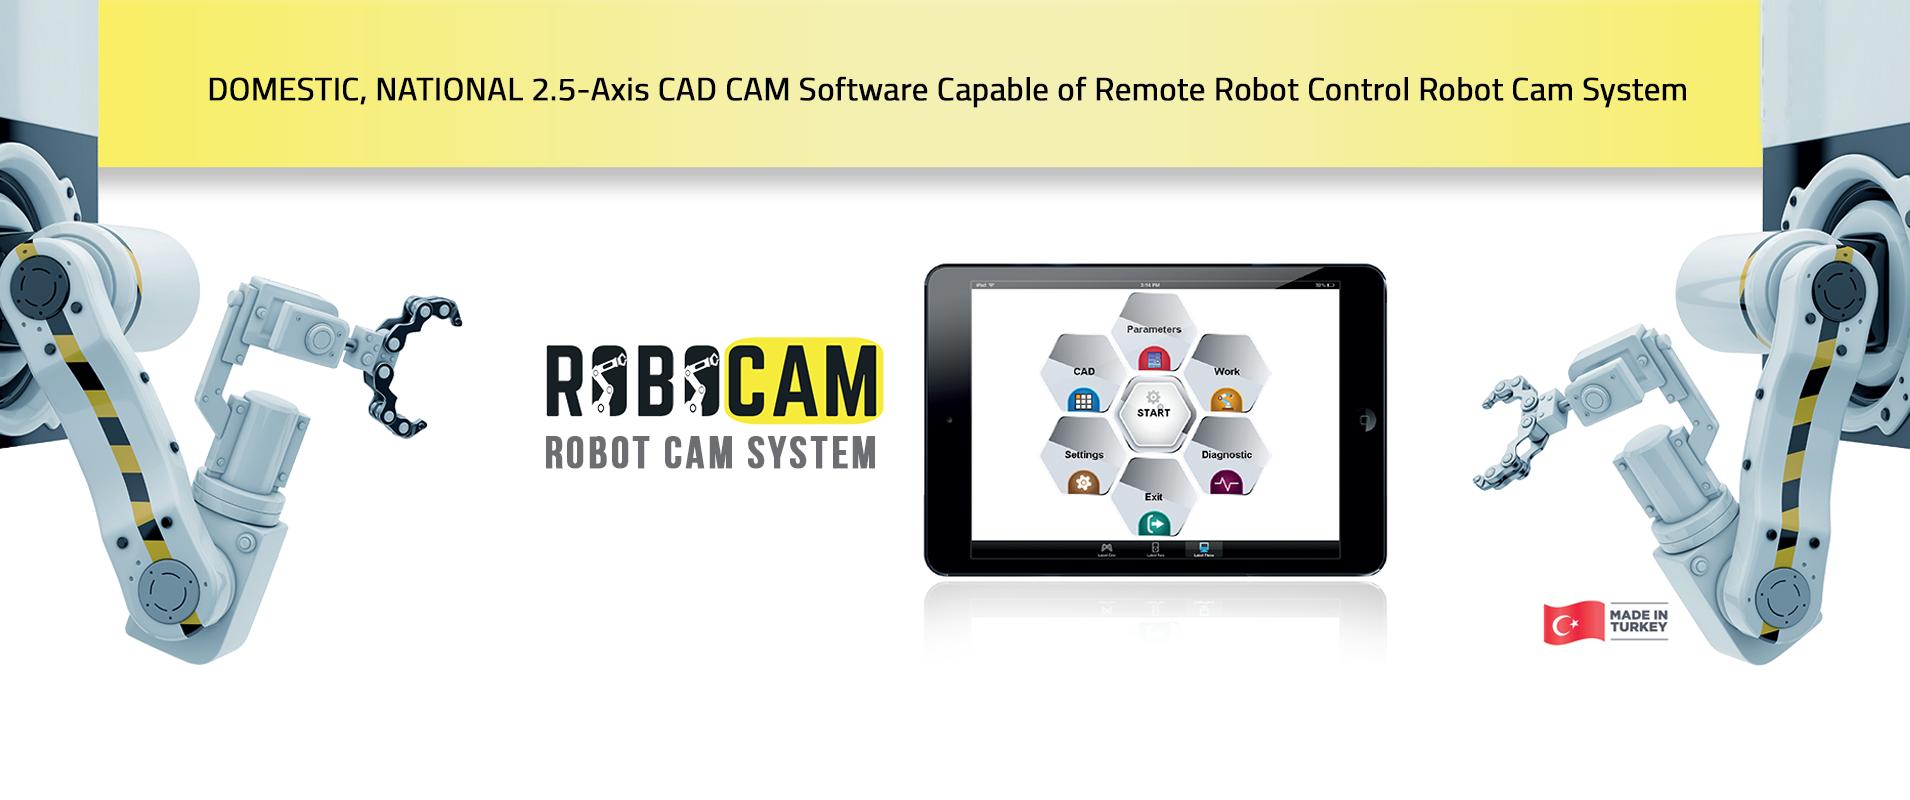 robocam system